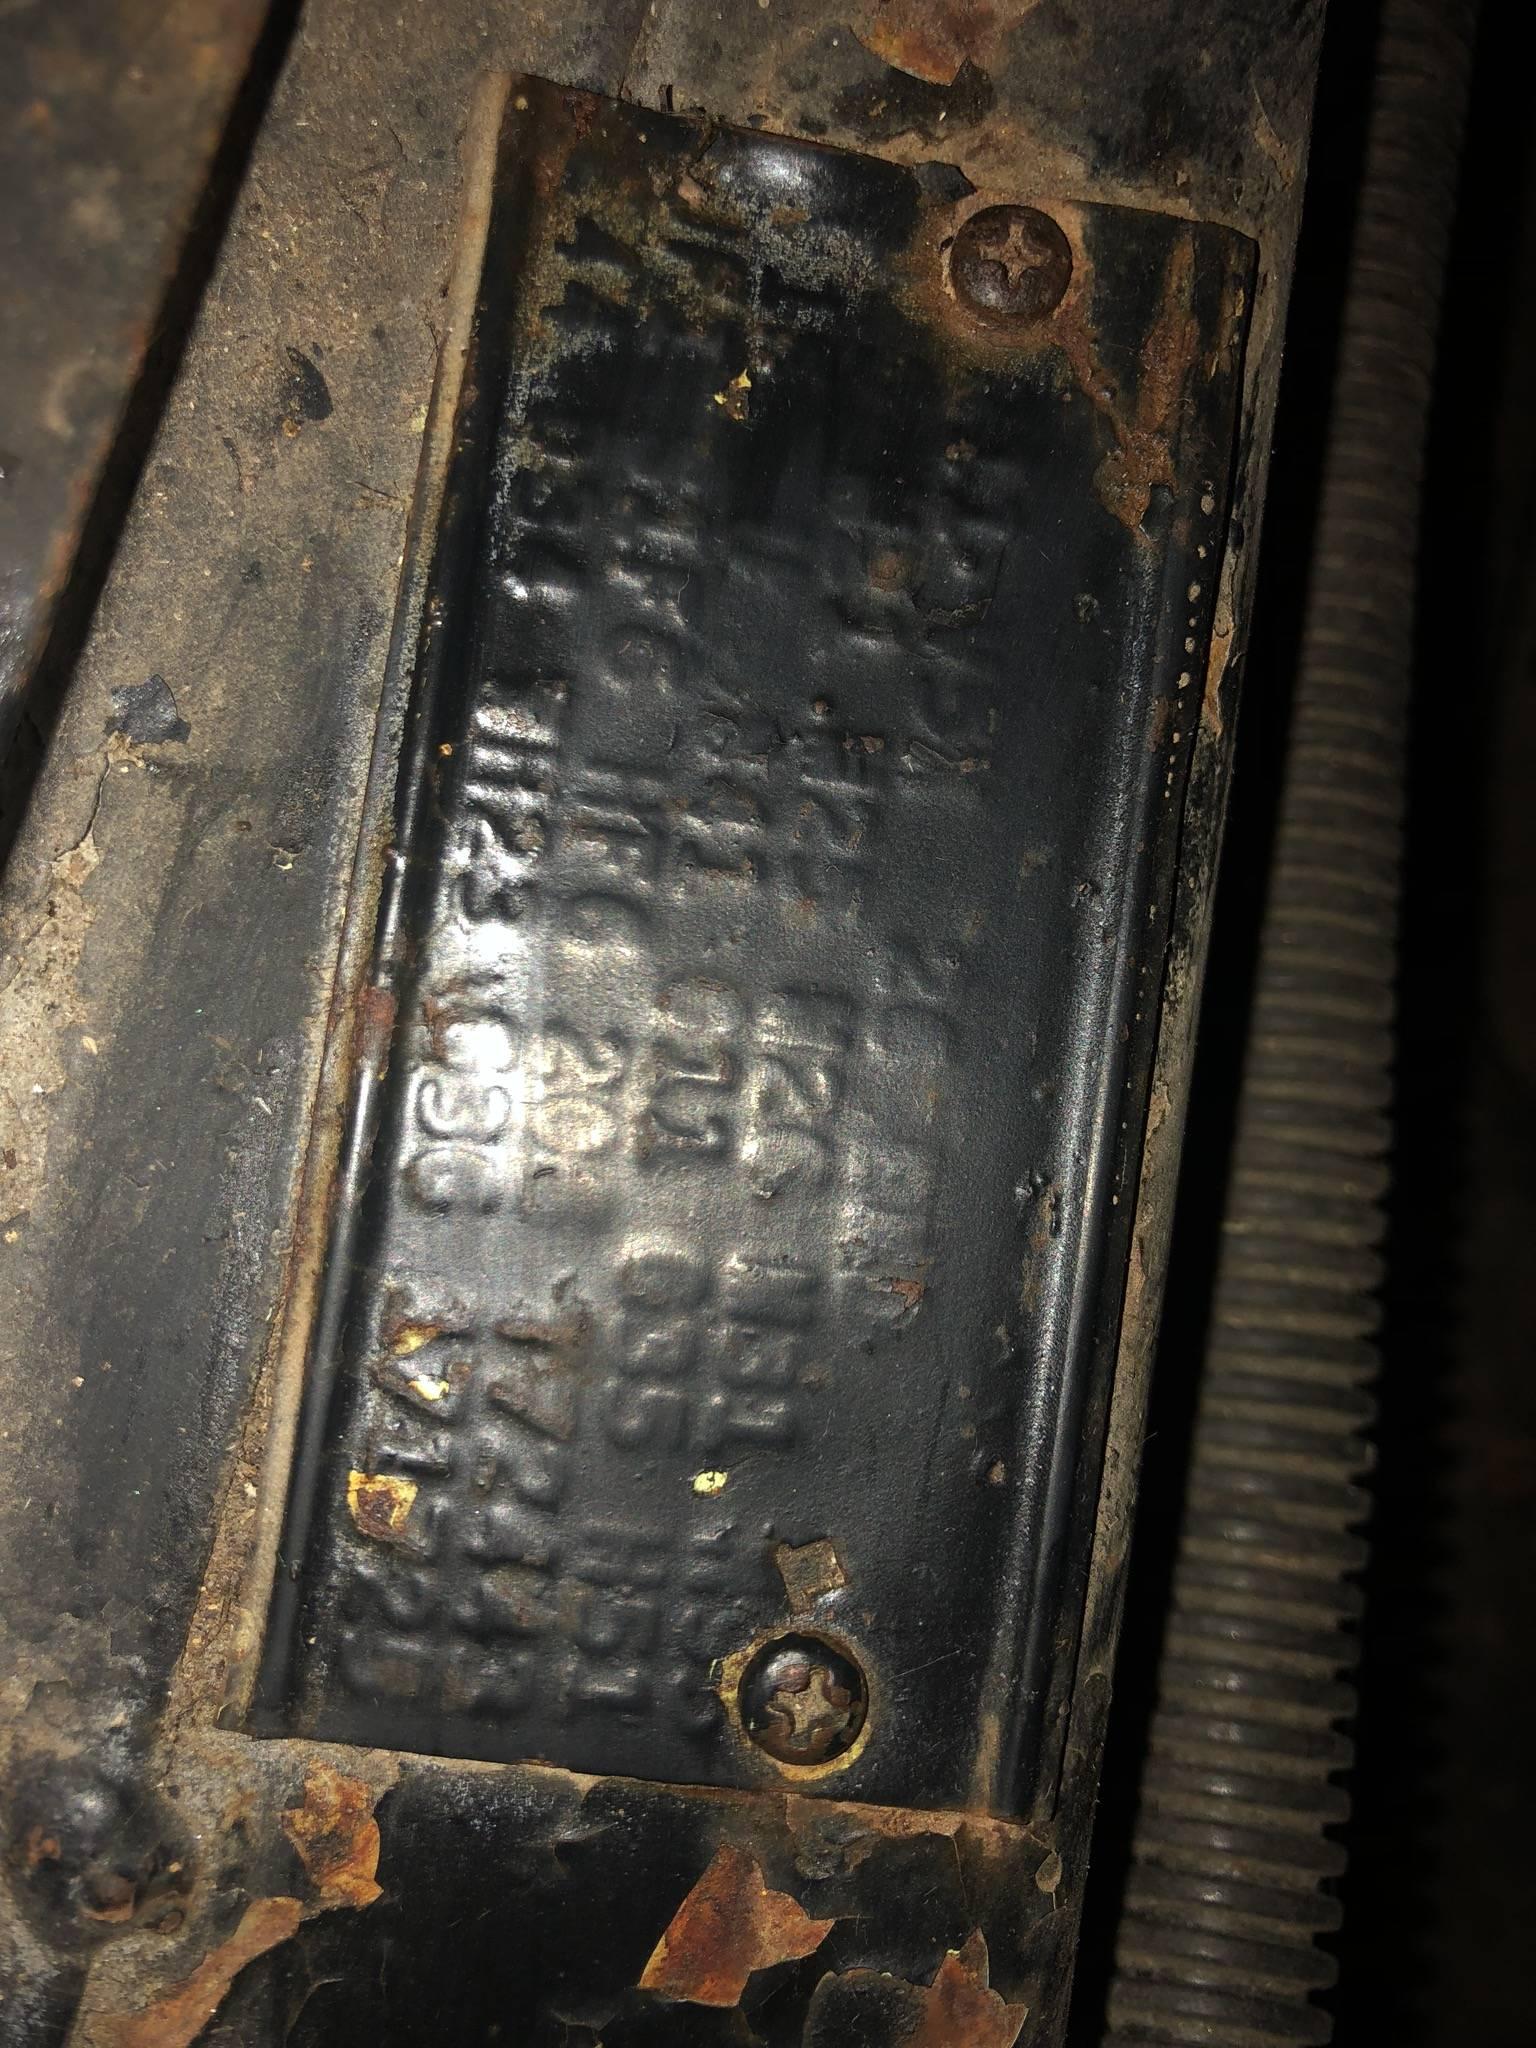 D3F50D64-1217-4E8C-A10A-F40340B3B9BB.jpeg